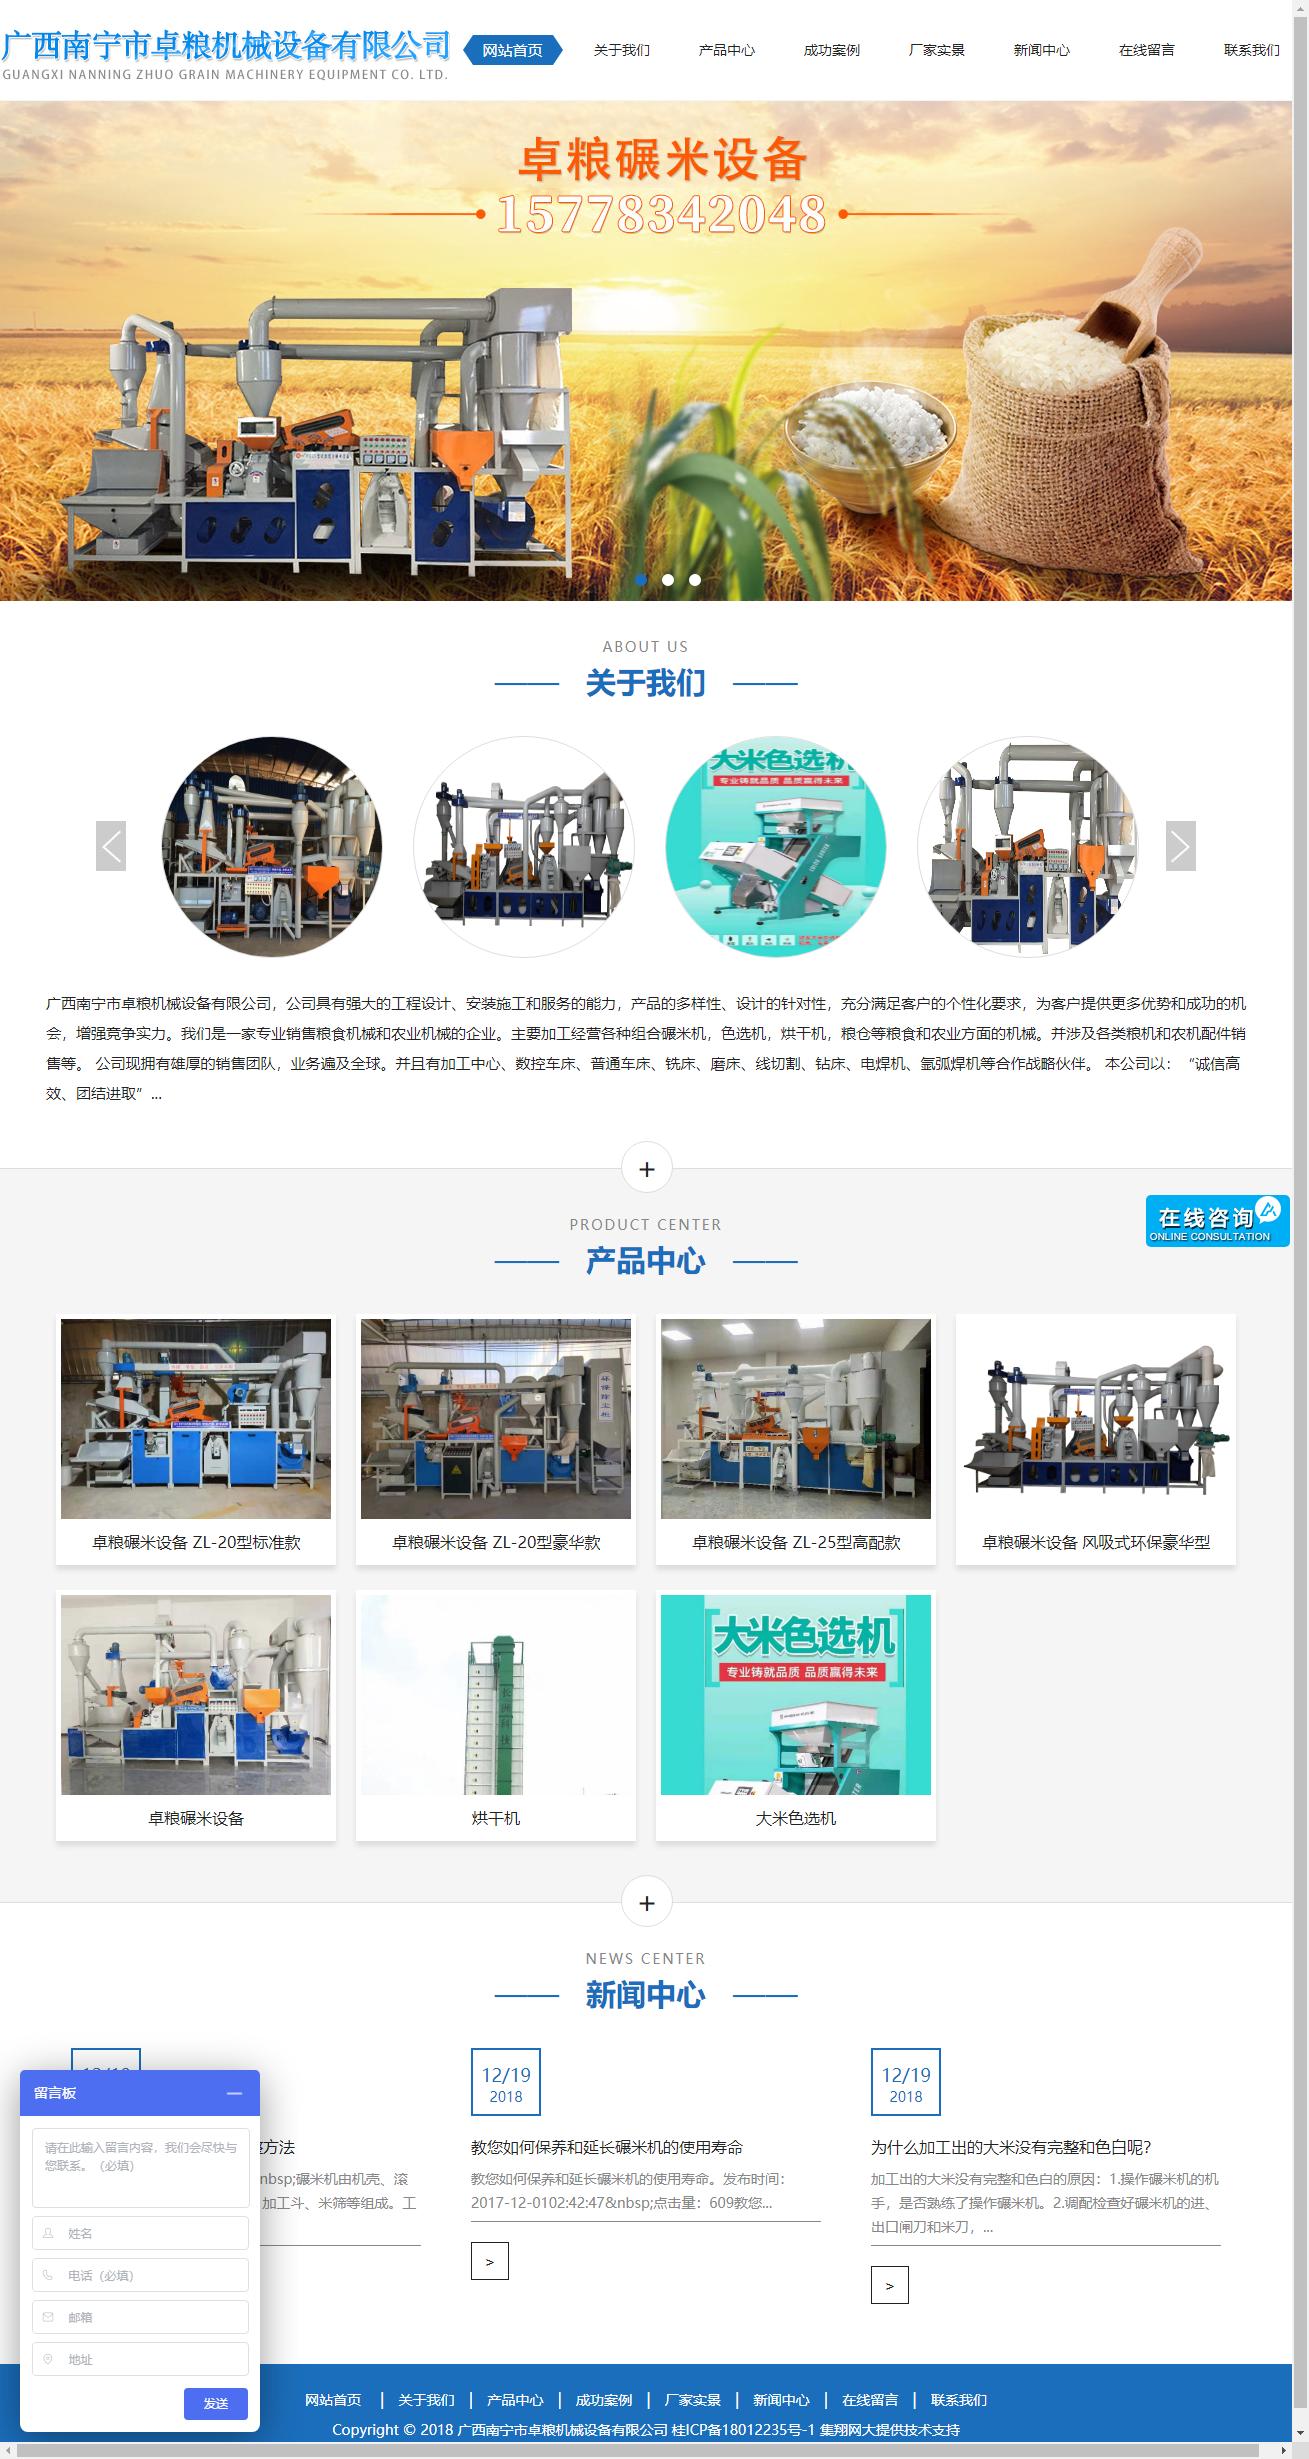 广西南宁市卓粮机械设备有限公司网站案例